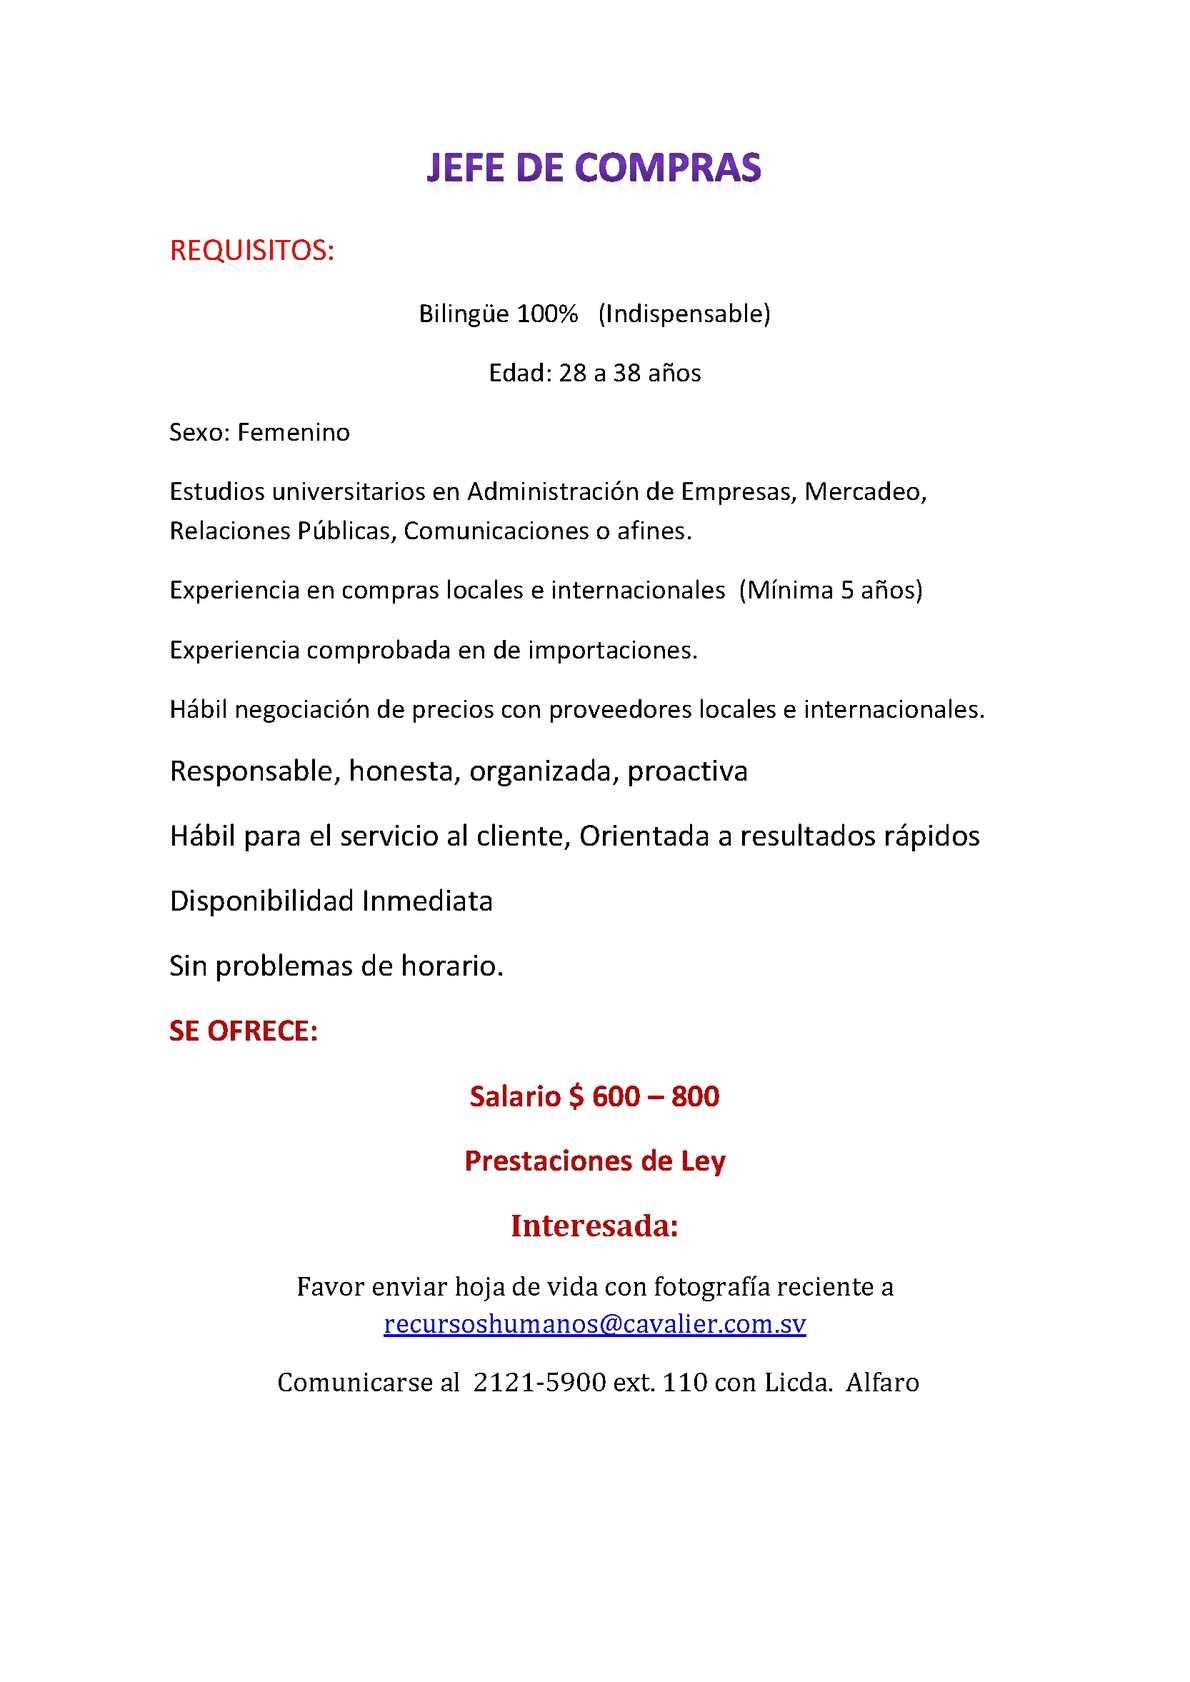 Calaméo - Oportunidad de empleo, Jefe de compras, ejecutivos en venta